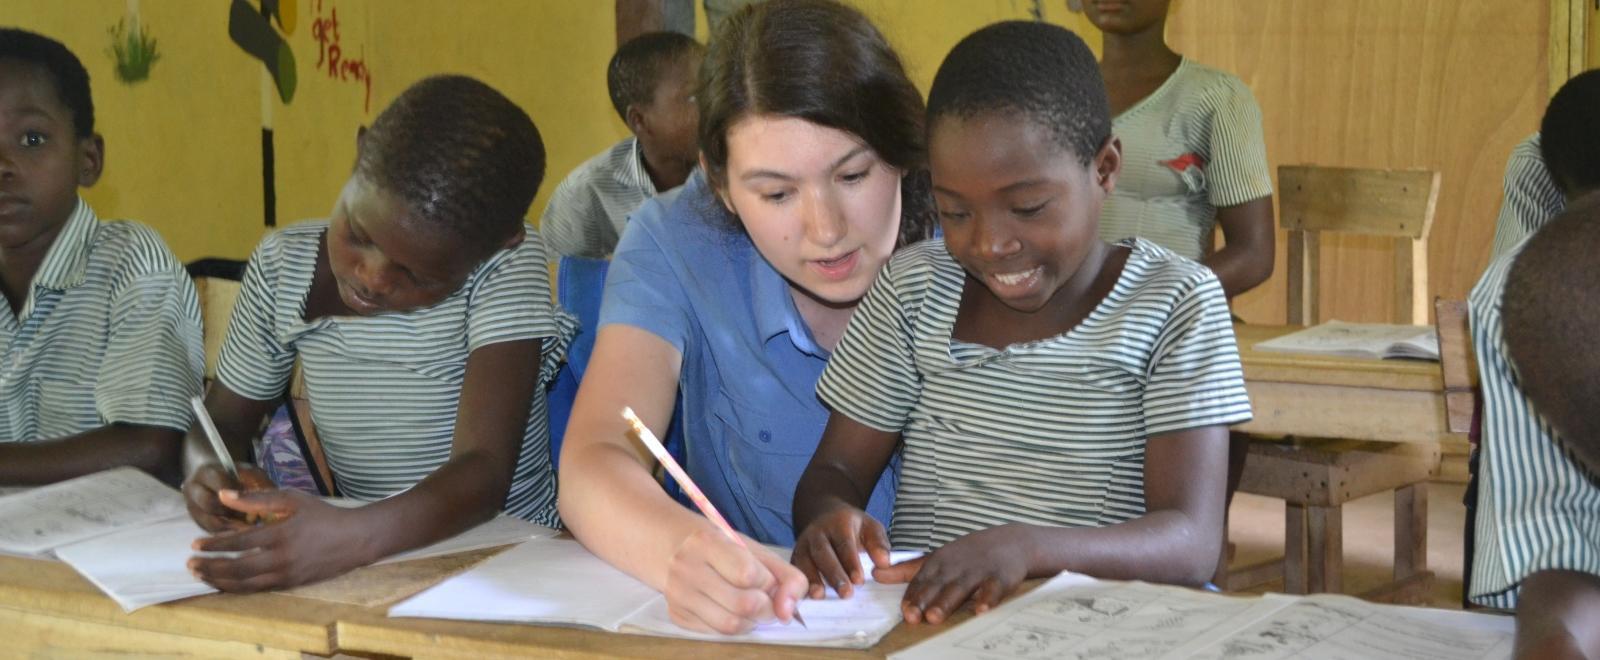 Maestra voluntaria ayuda a un estudiante en nuestro voluntariado para enseñar inglés en Ghana.